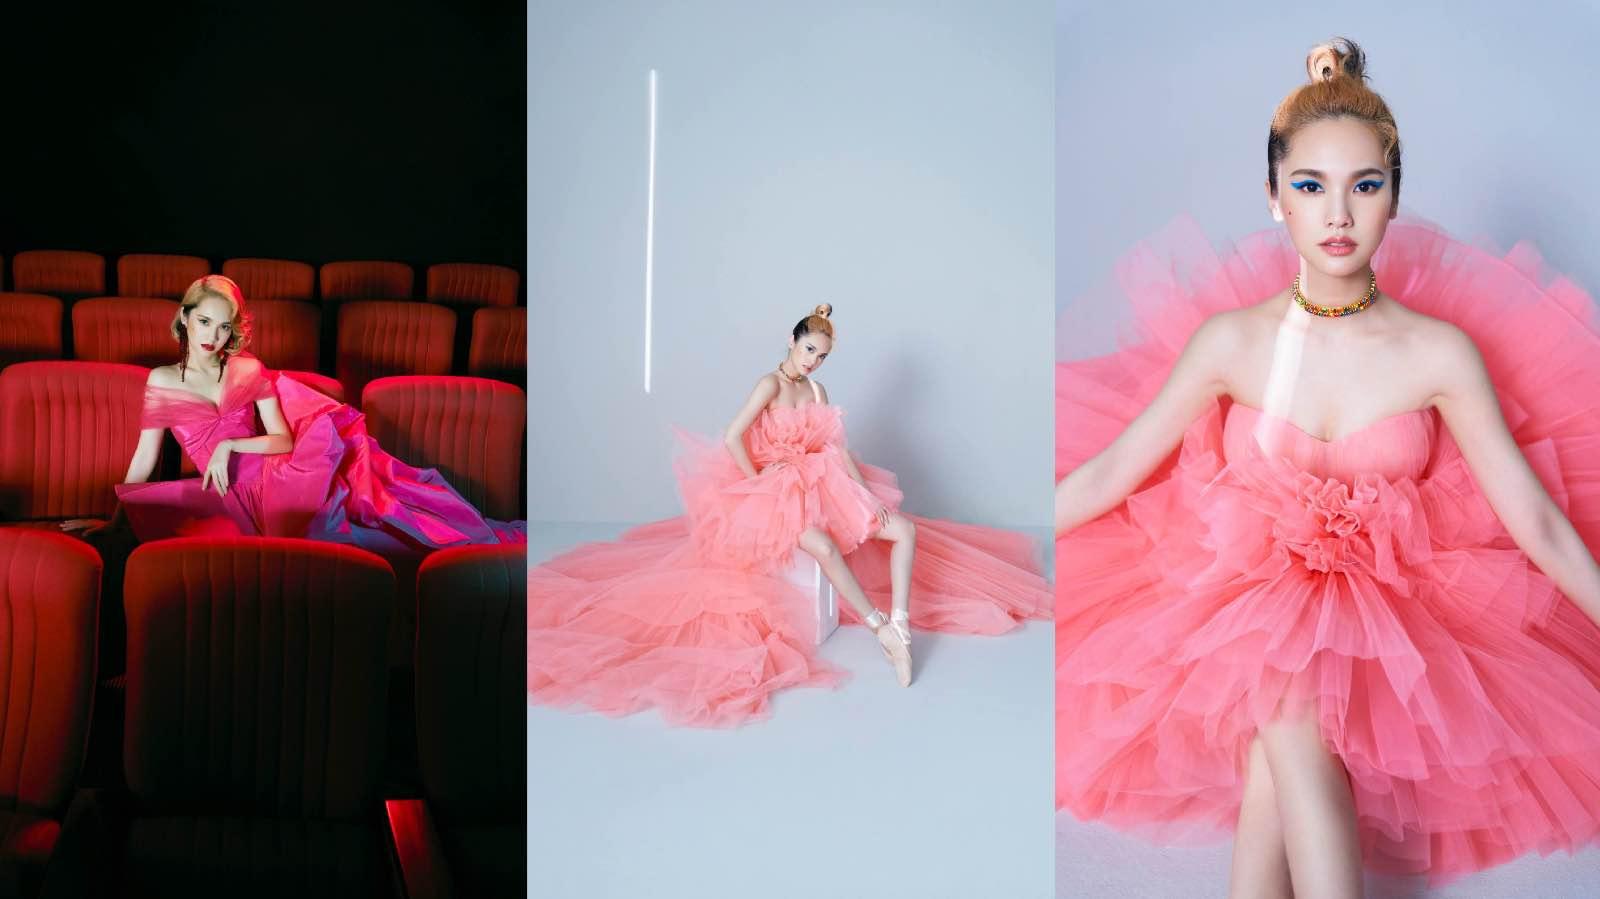 杨丞琳即将推出实验性唱跳新专辑   全方位角色展现重新出道的唱跳新人Rainie